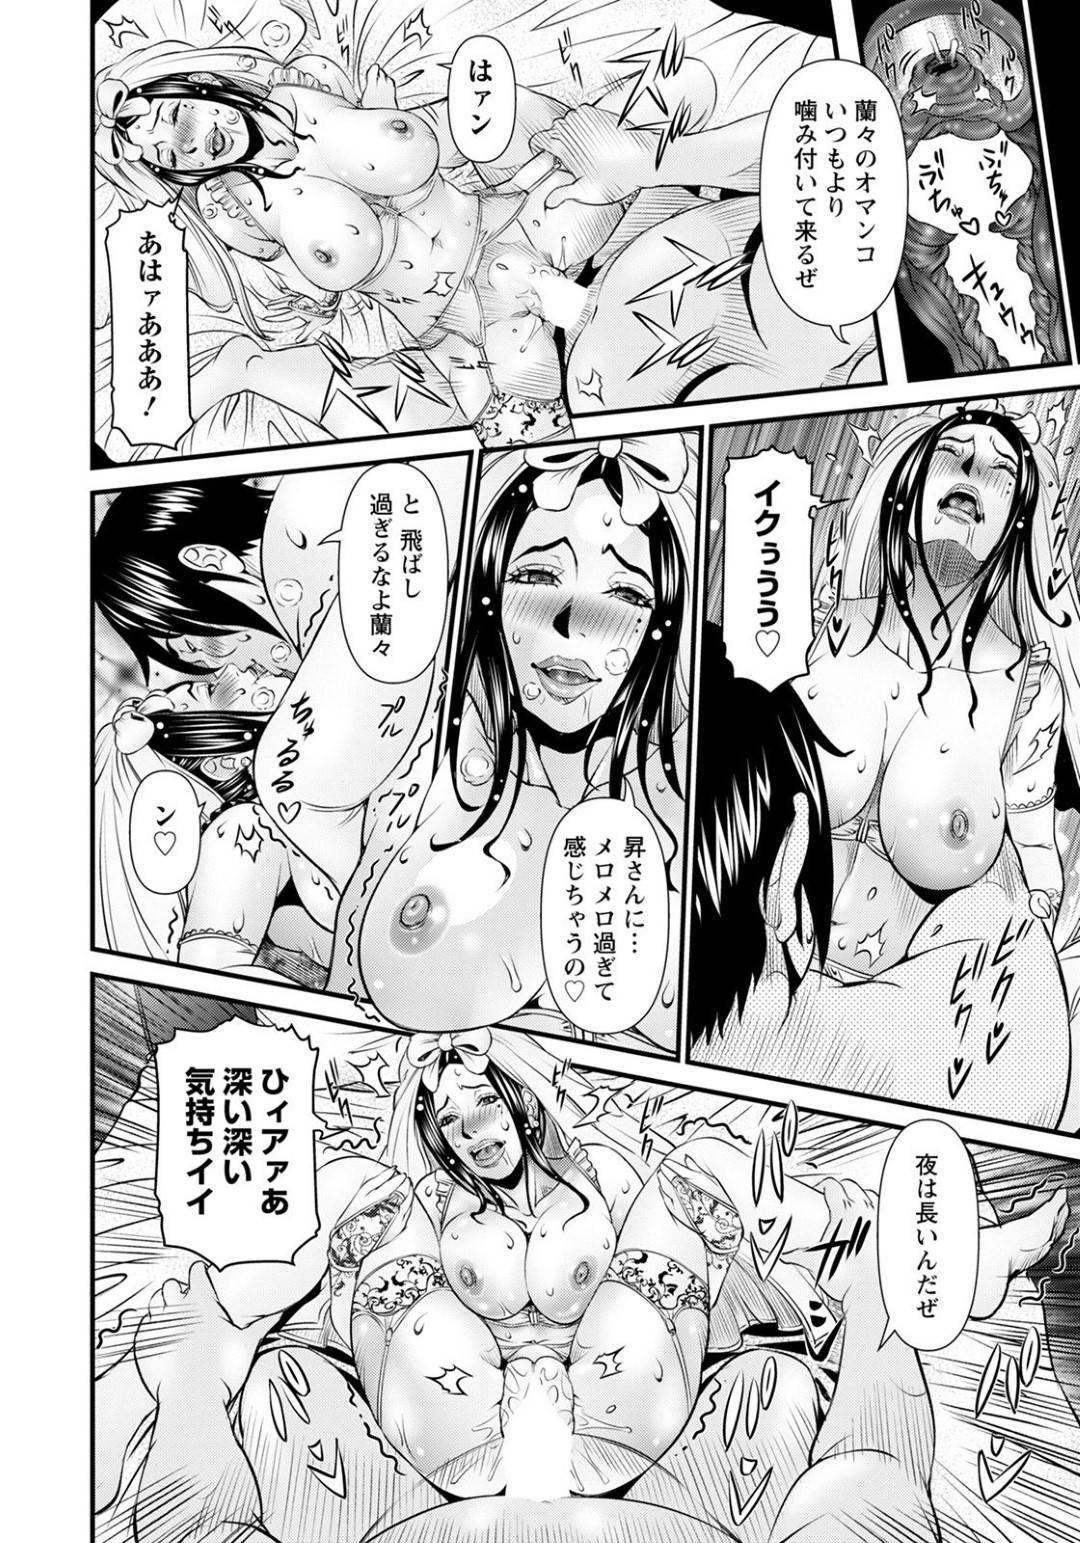 【エロ漫画】ゲーマー男と乱交セックスする淫乱な兄嫁と義母。2人は彼にエッチをねだっては正常位やバックなどの体位でガン突き中出しファックさせてヨガりまくる!